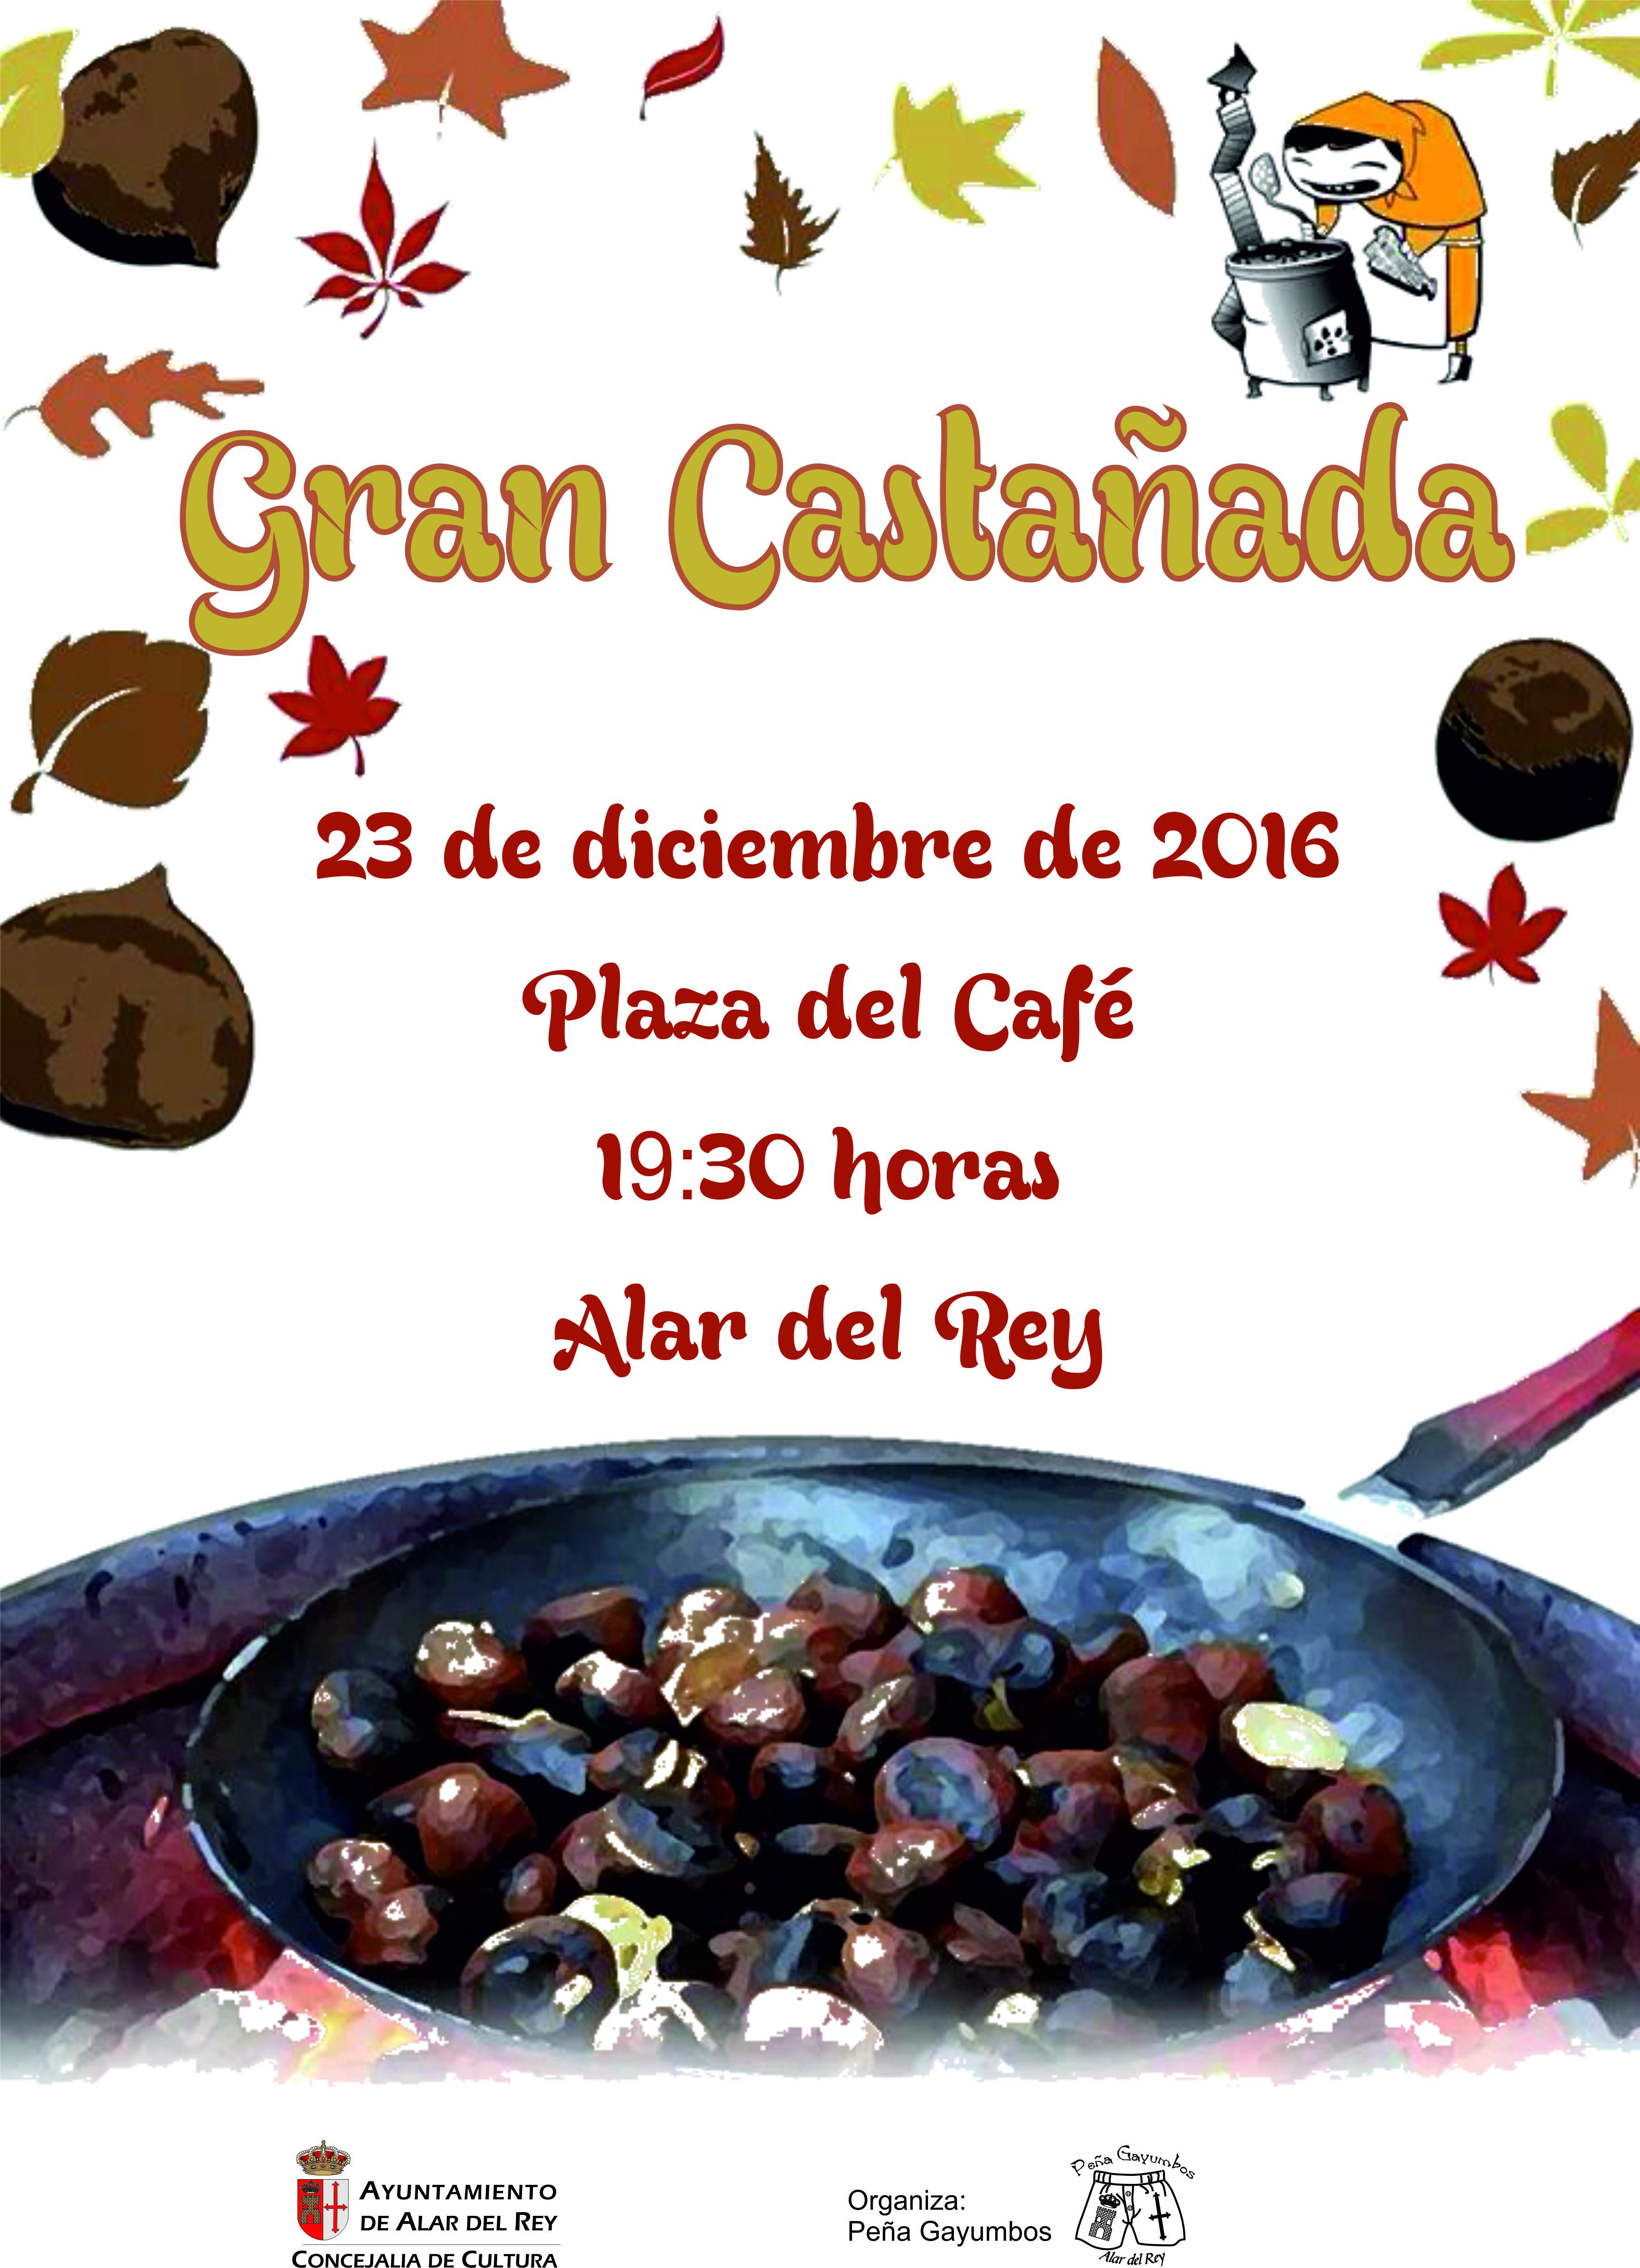 ¡¡¡VILLANCICOS Y CASTAÑAS!!!